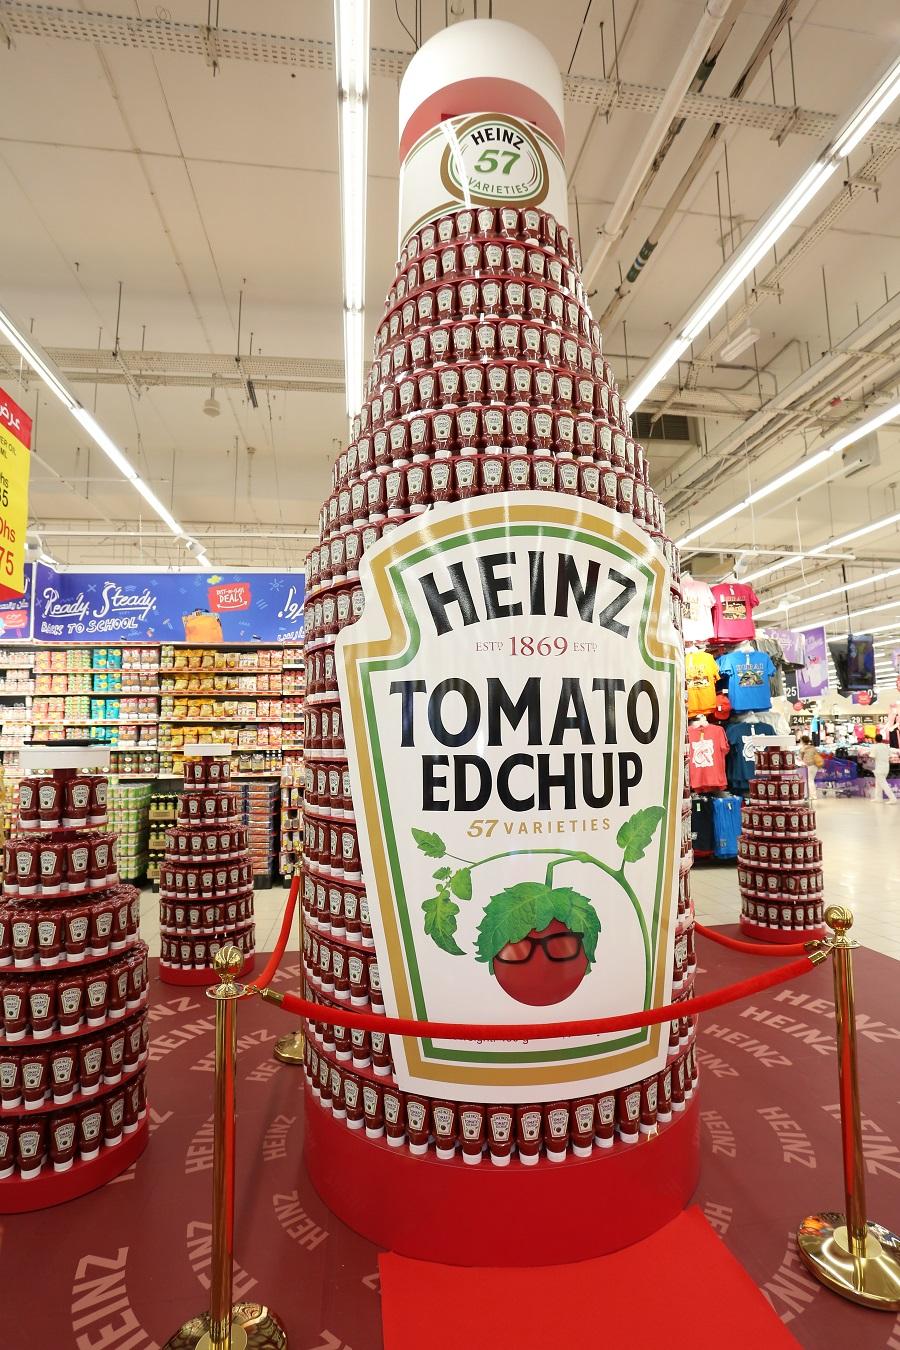 رقم قياسي إماراتي جديد لأطول مجسم عرض للمعلبات الغذائية في العالم